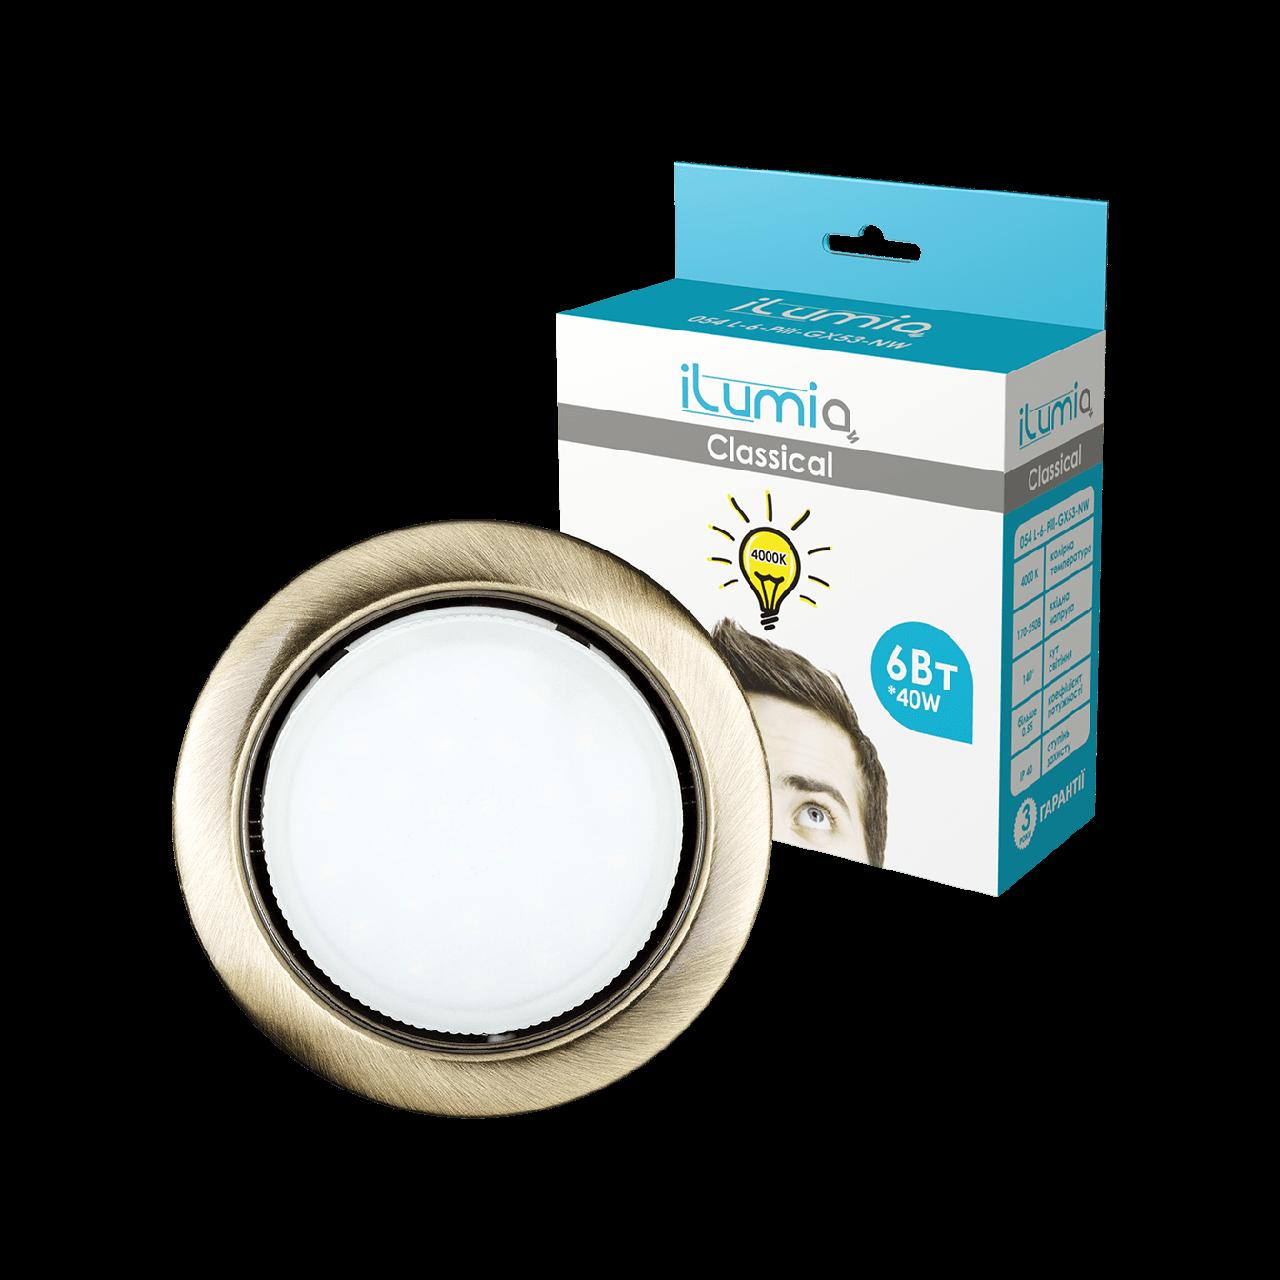 Светильник Ilumia с лампой 6W GX53 Латунь 90mm круг врезной (052)